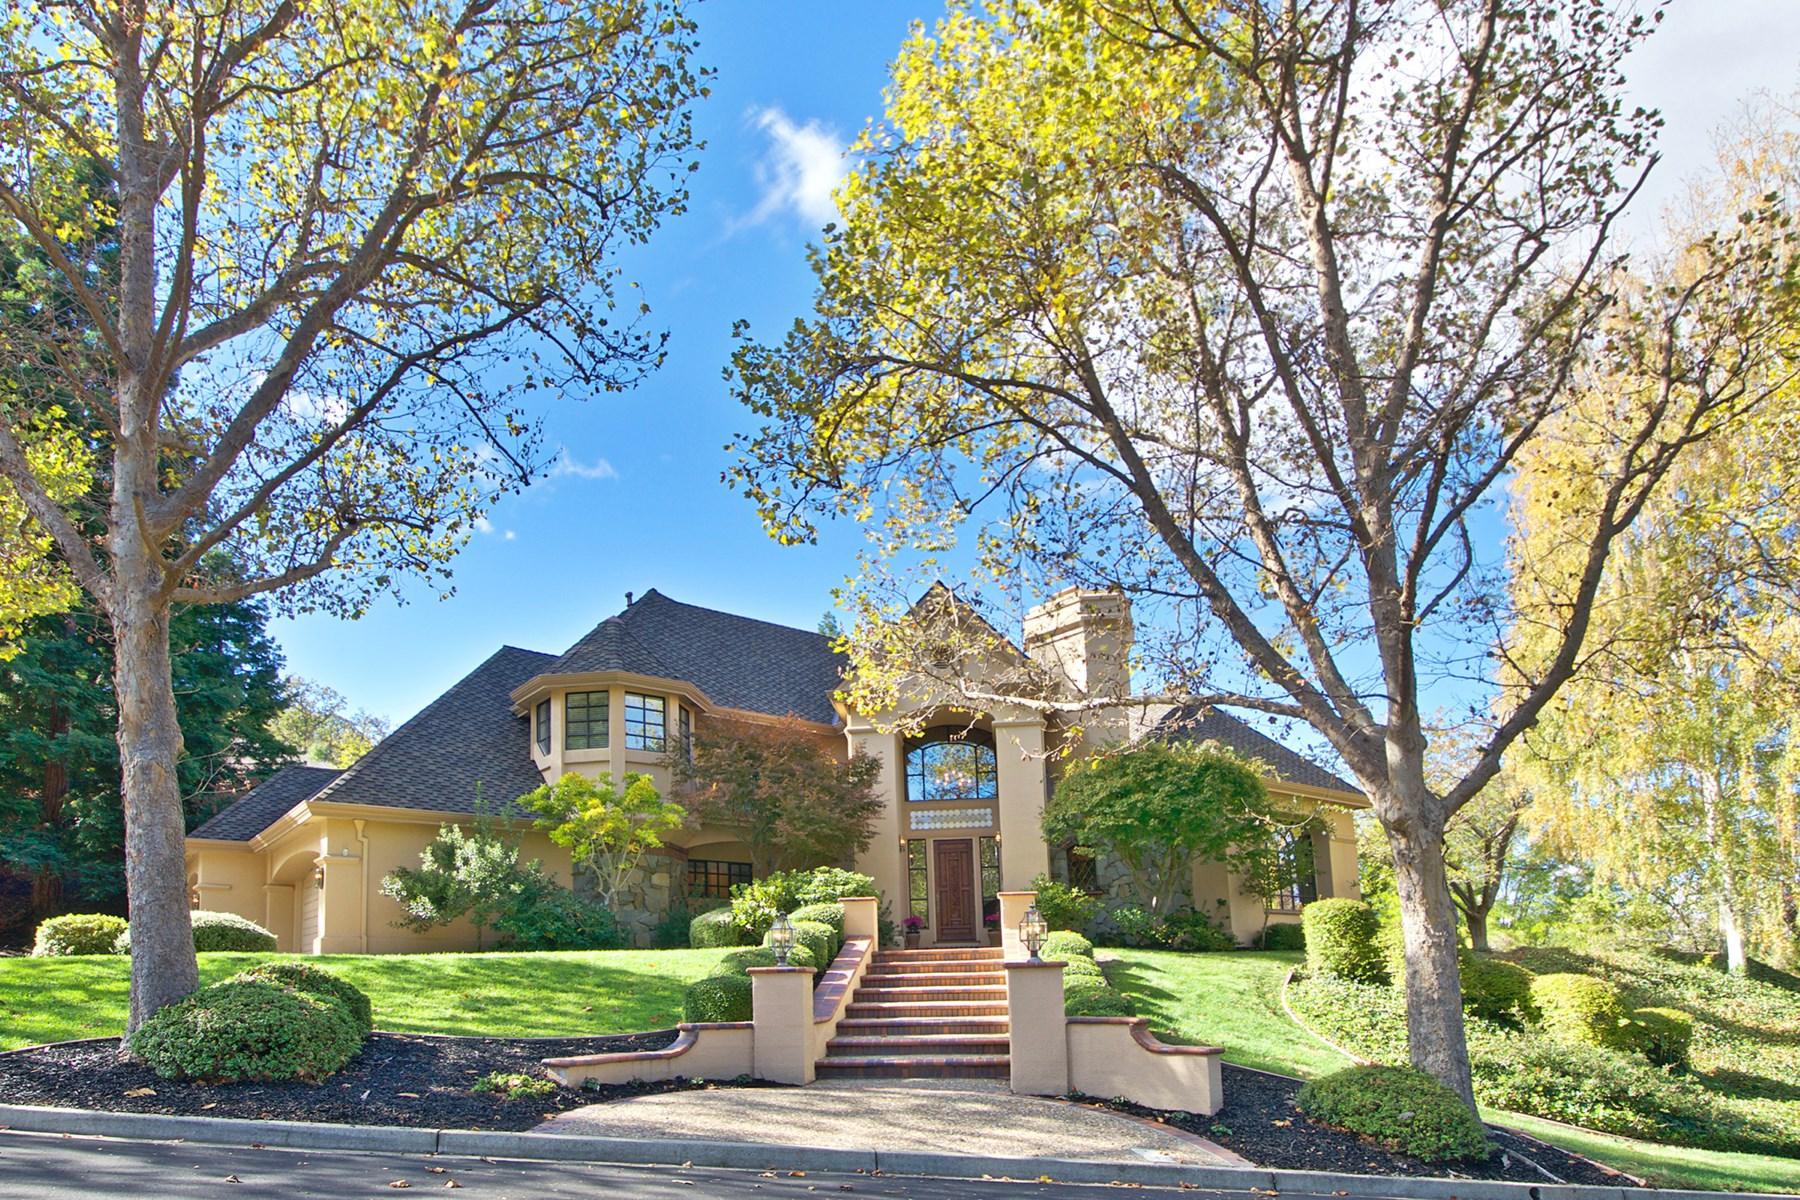 Maison unifamiliale pour l Vente à Exquisitely Designed Custom Home 100 Silver Fir Ln Danville, Californie 94506 États-Unis